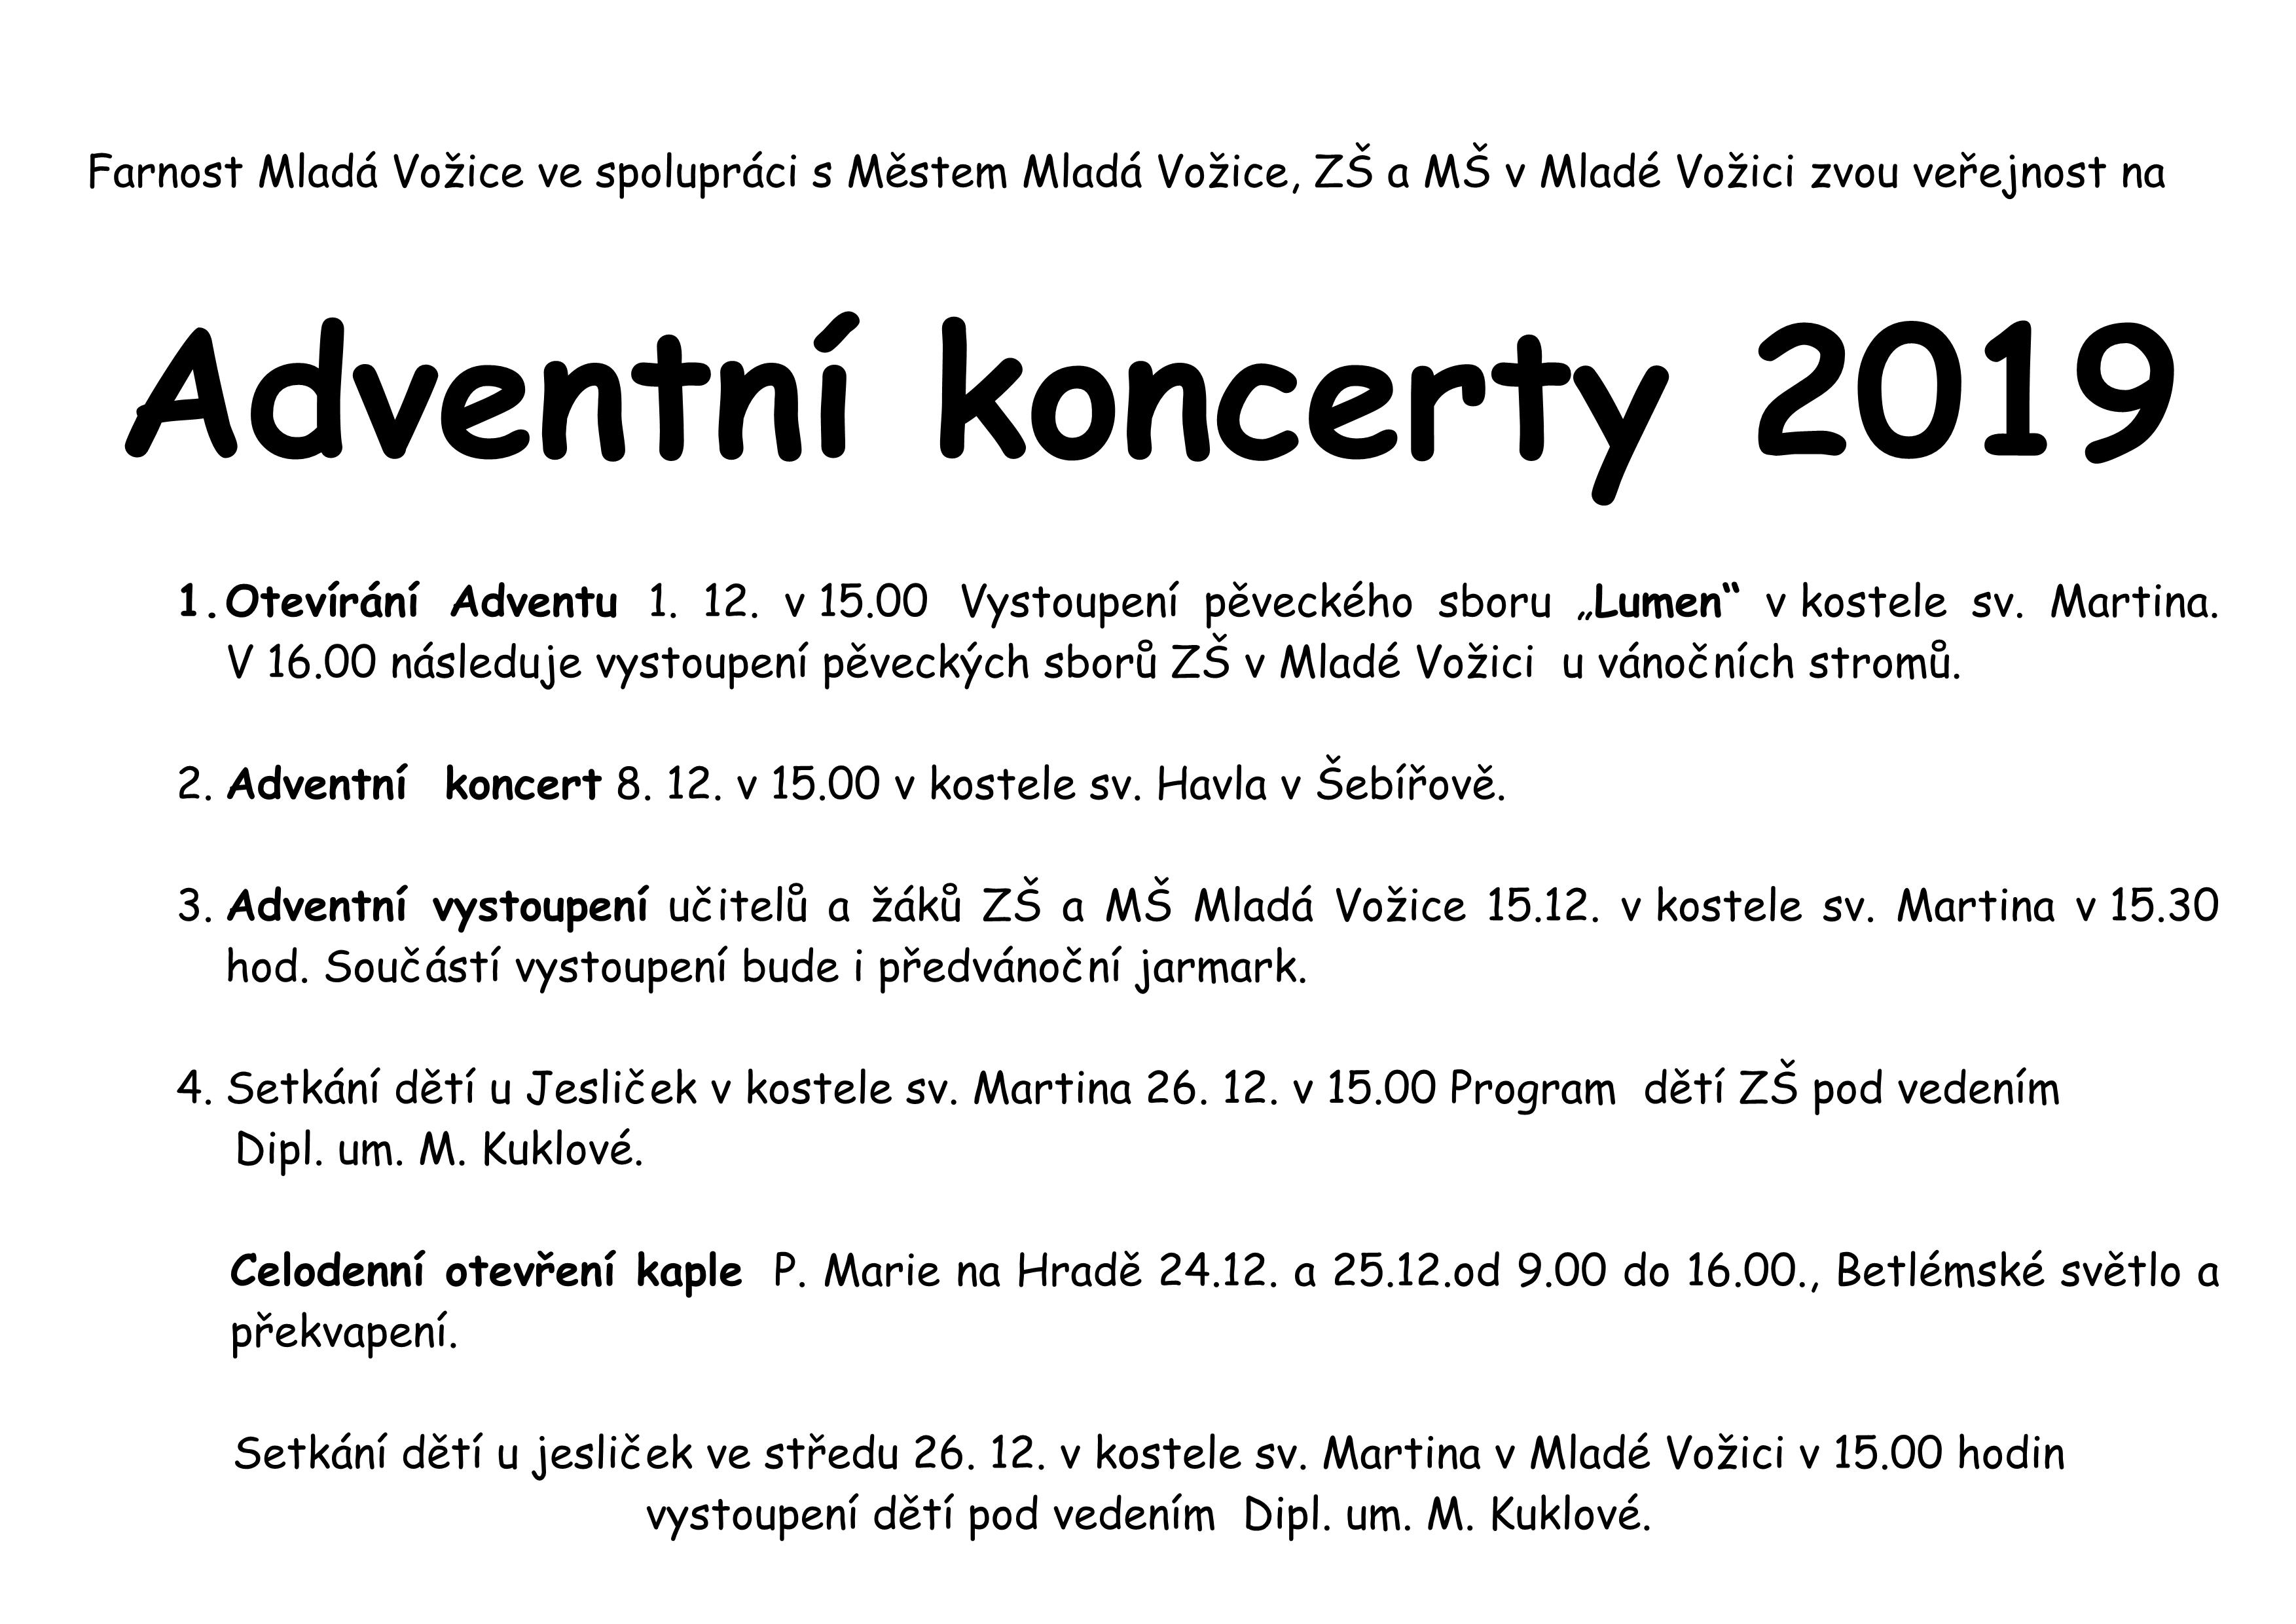 Adventní koncerty  2019